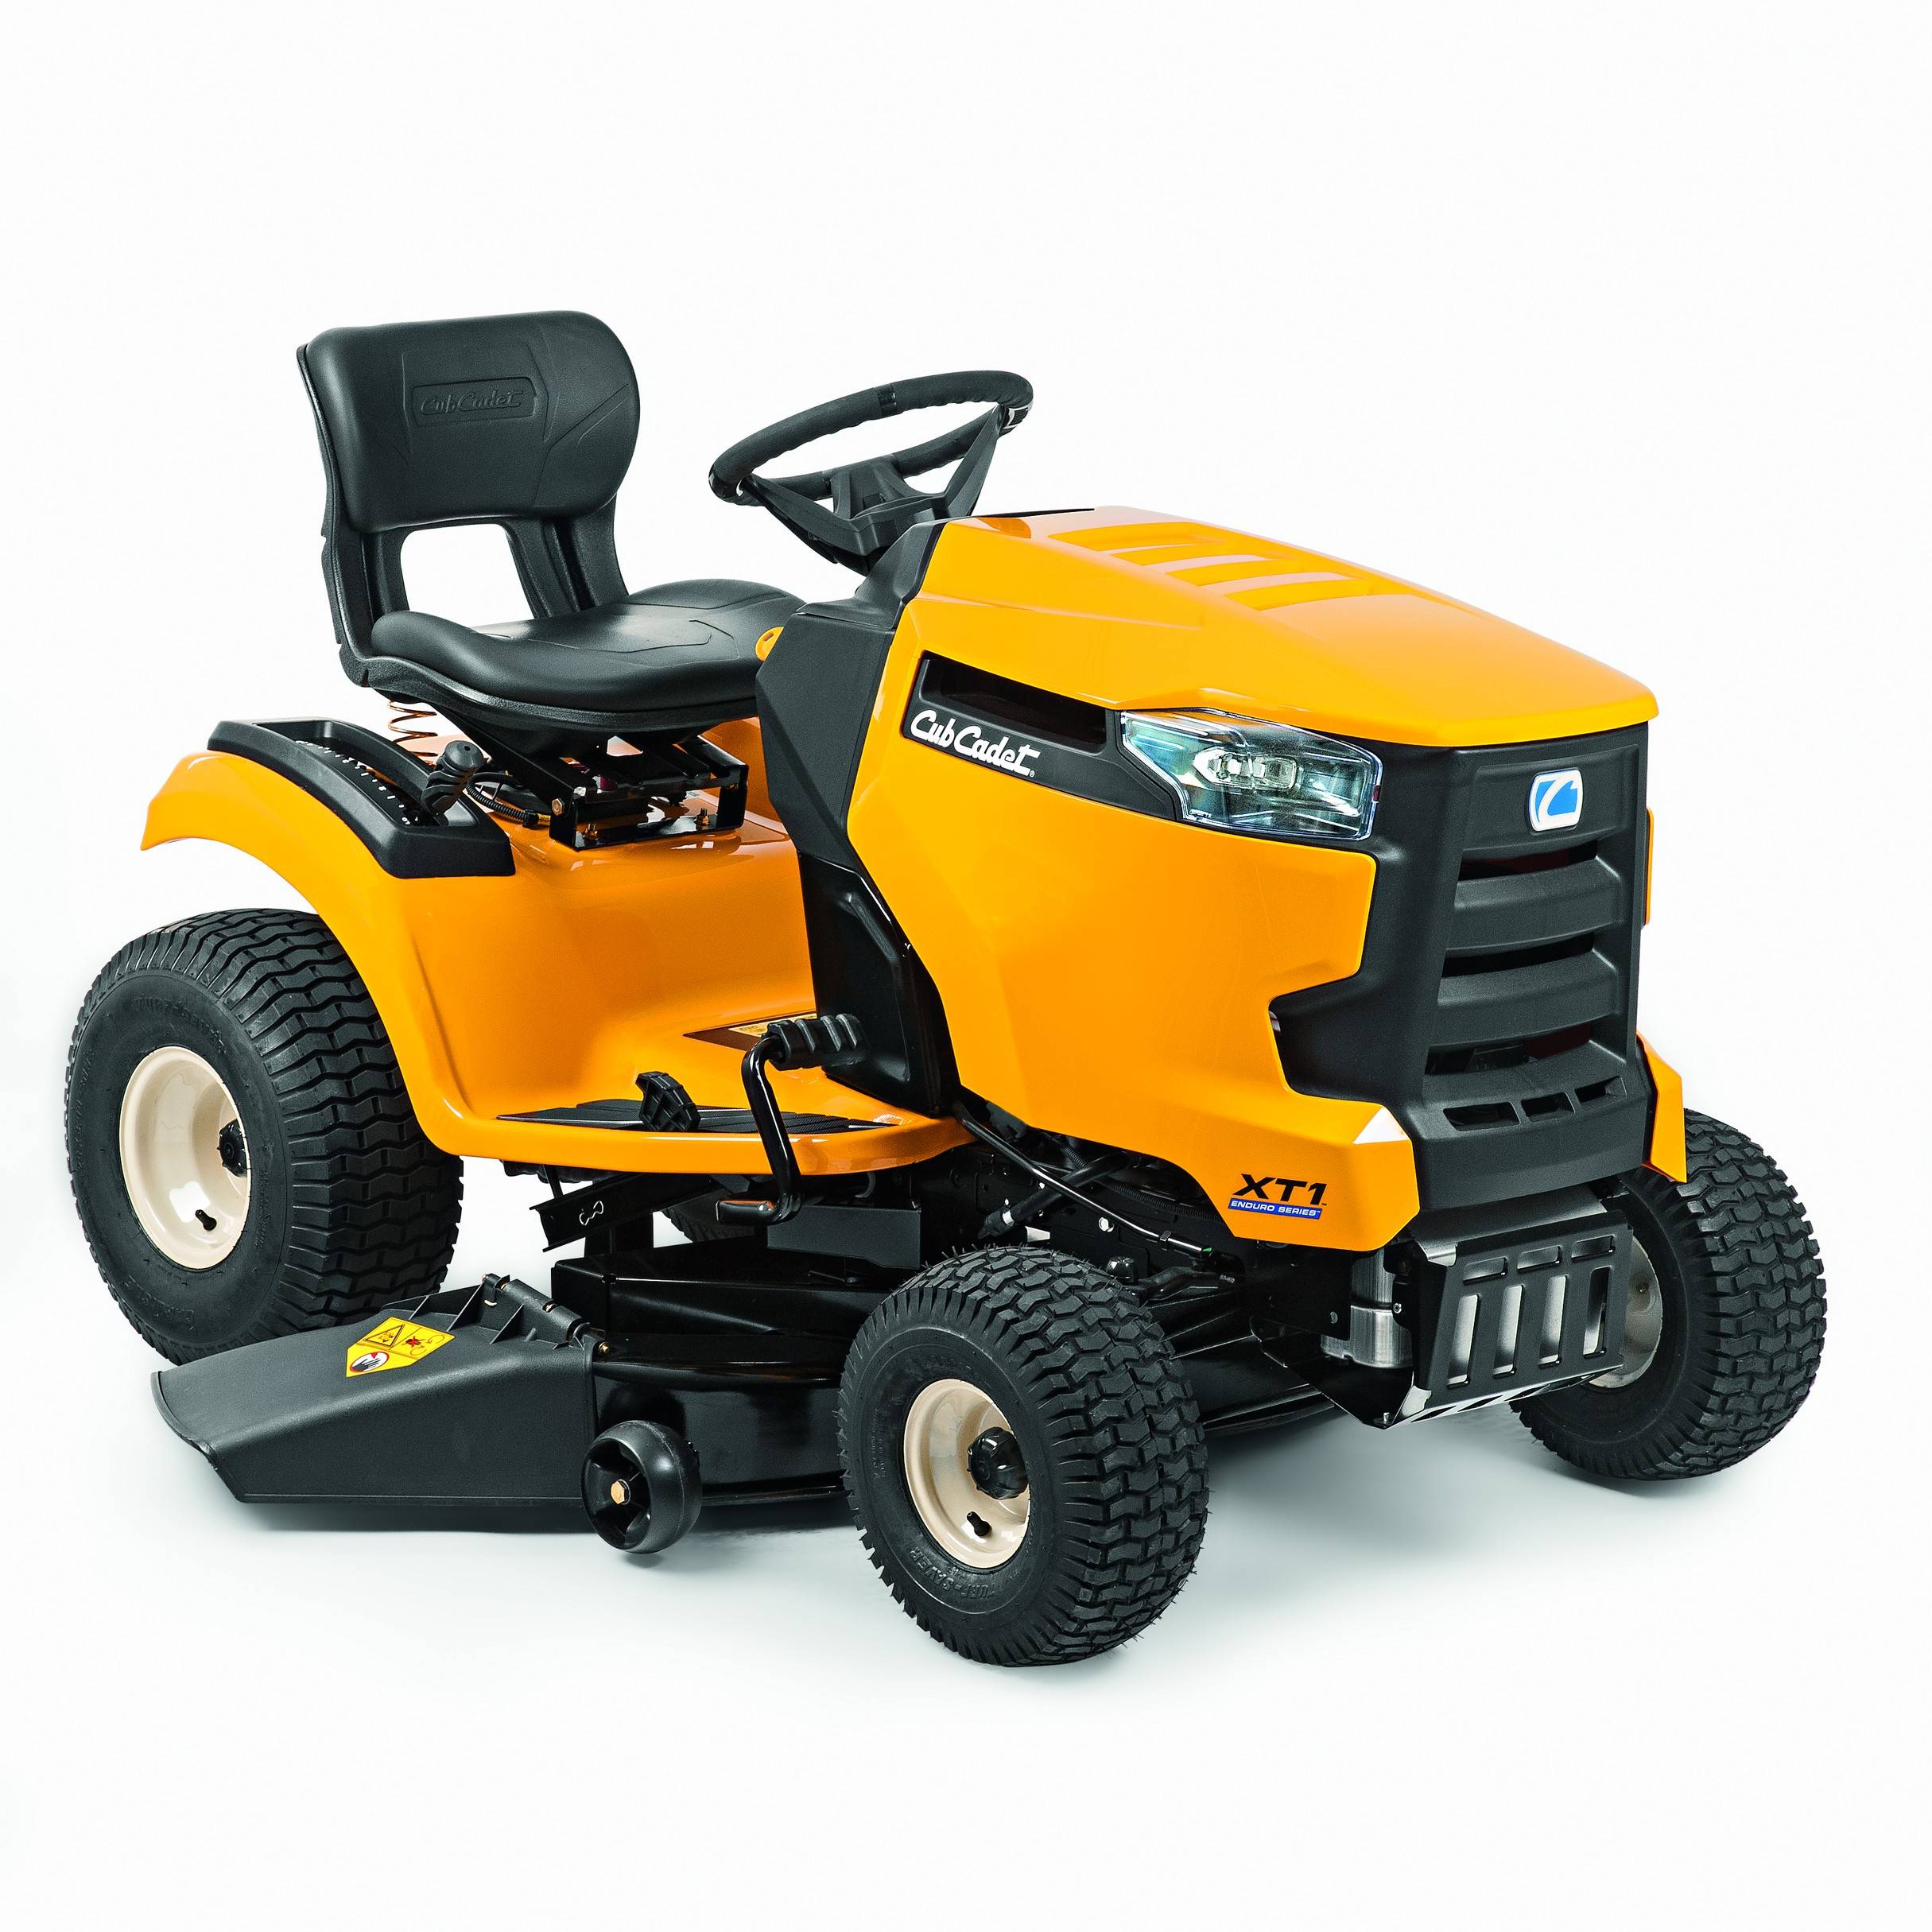 Travní traktor se bočním výhozem Cub Cadet XT1 OS107